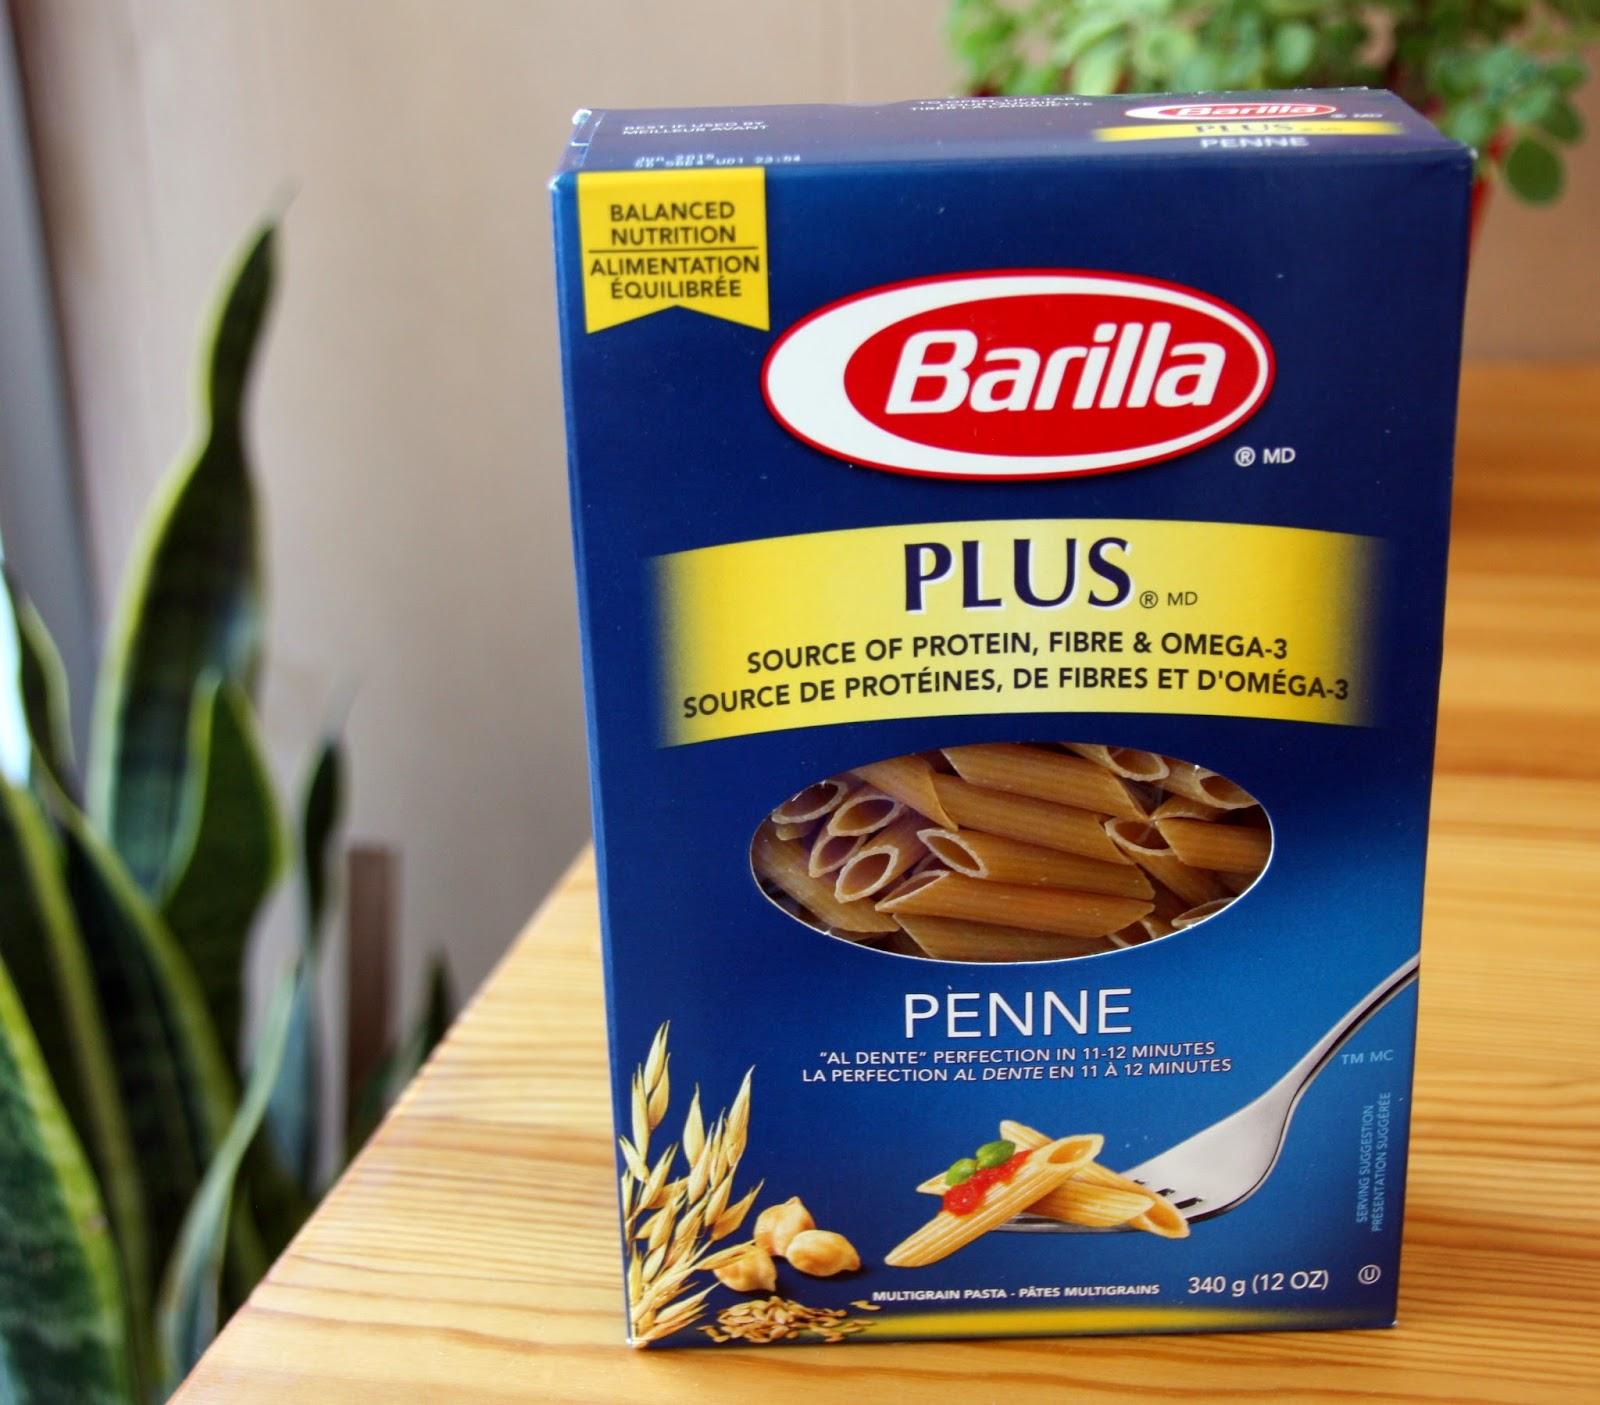 Barilla Plus pasta